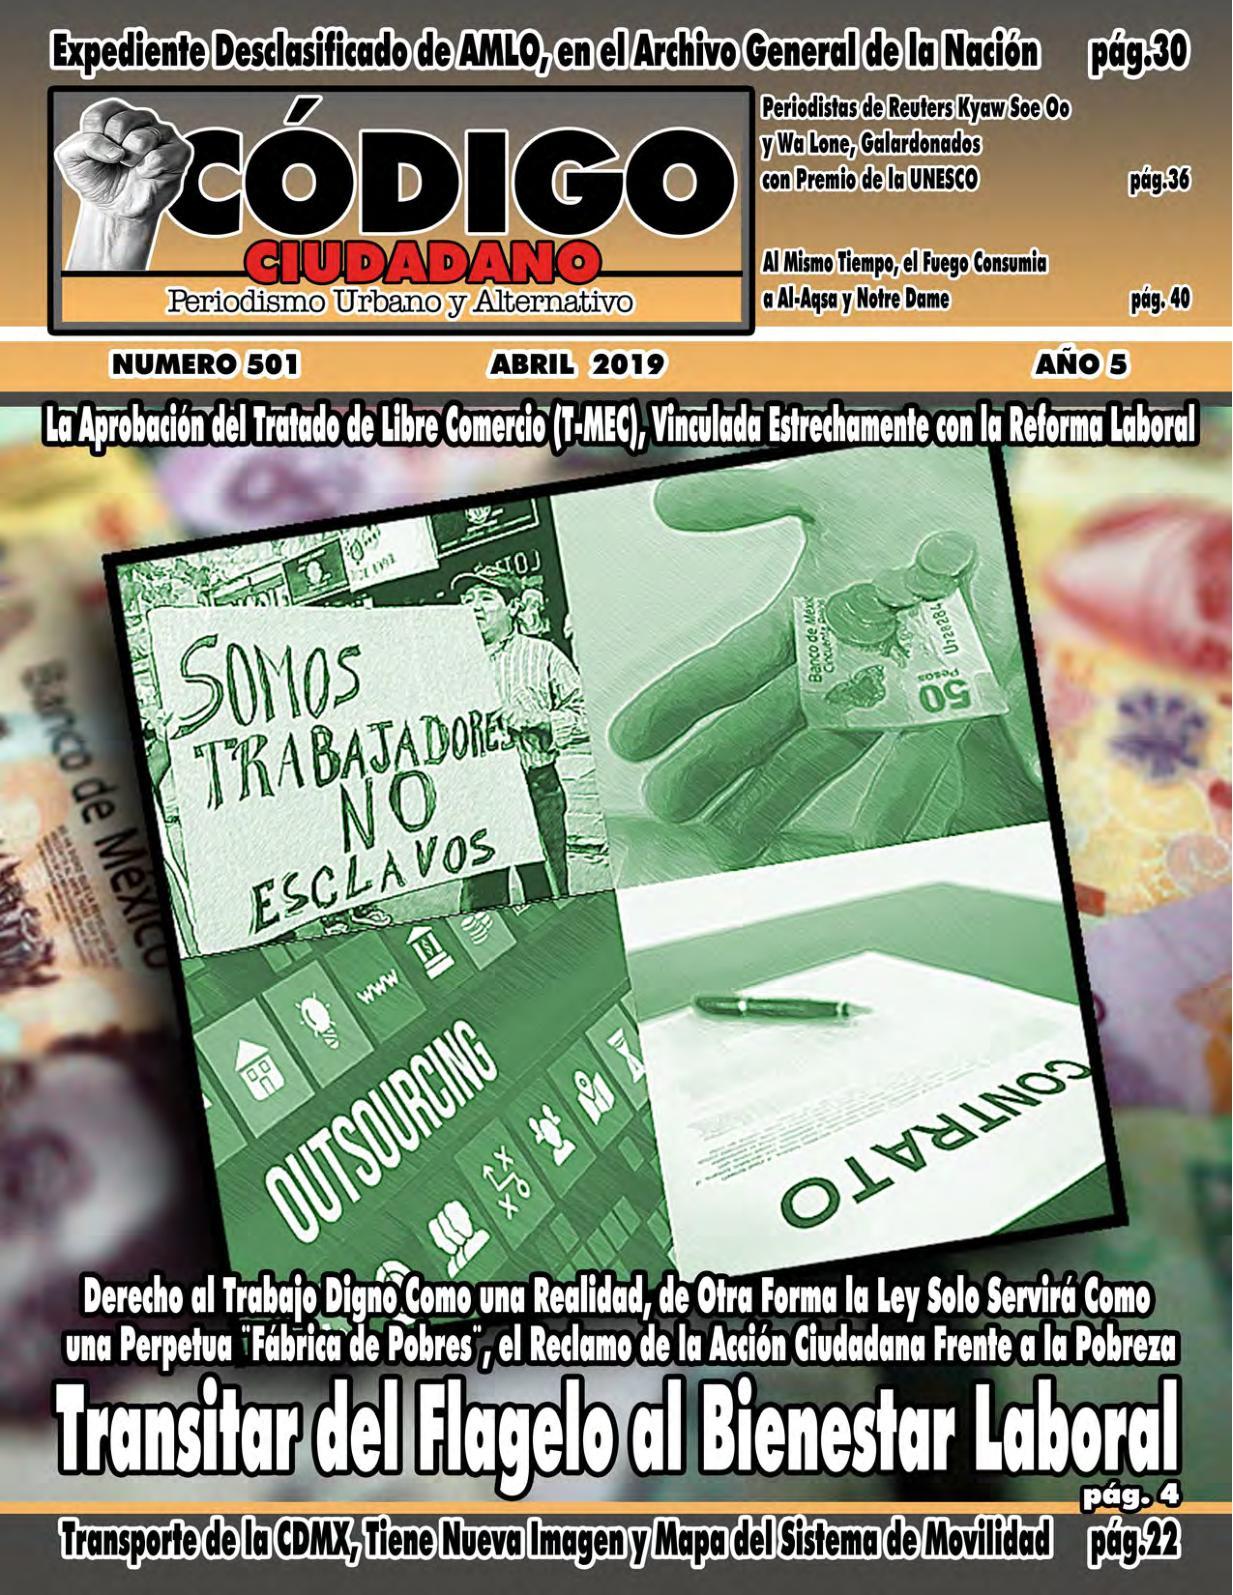 501 COG | Solo Deportes | Solo Urbano